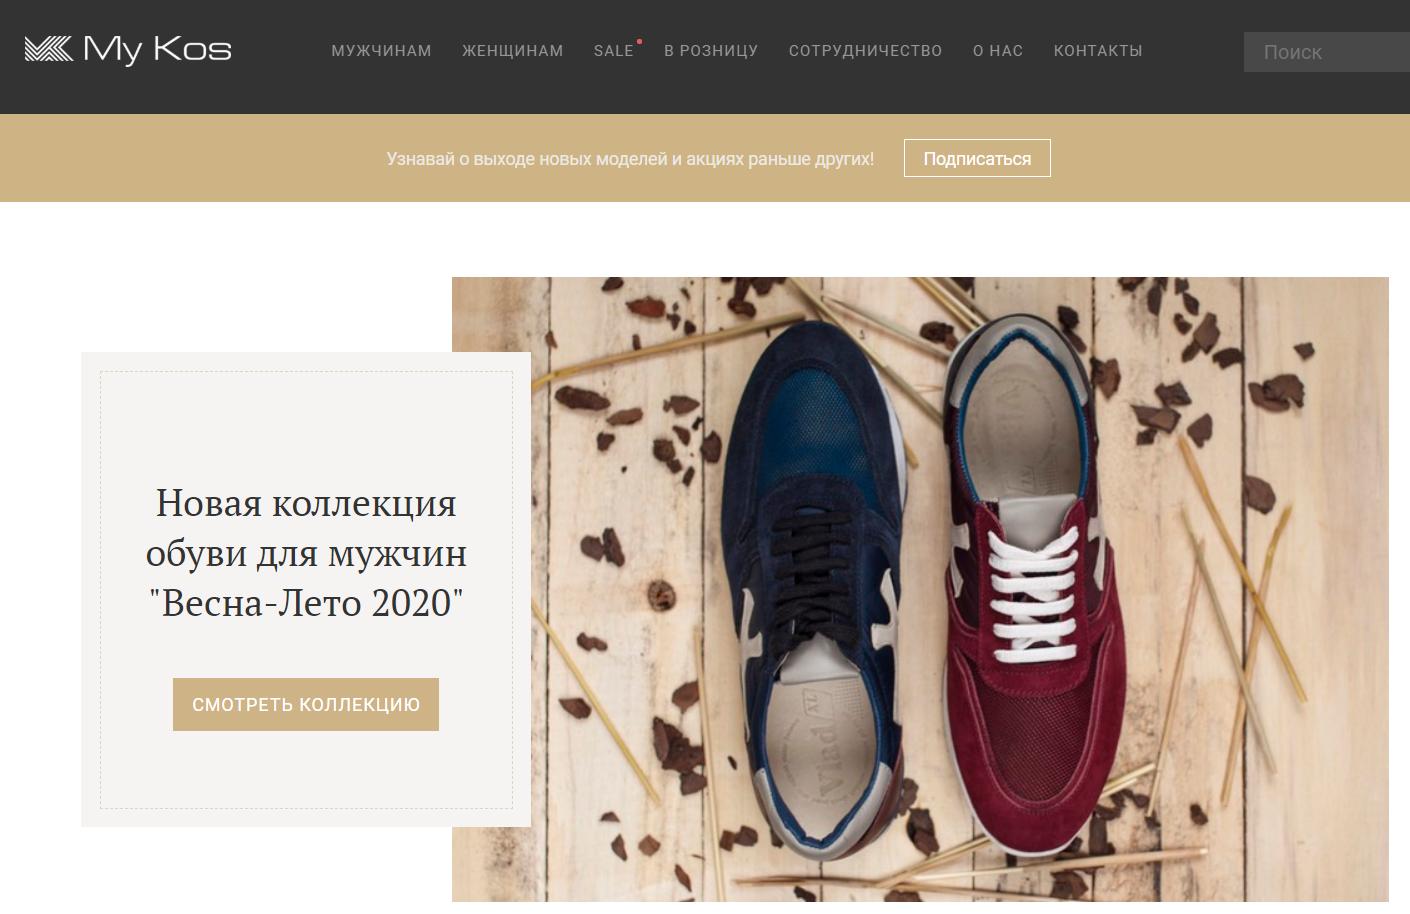 Украинская фабрика по производству обуви My Kos